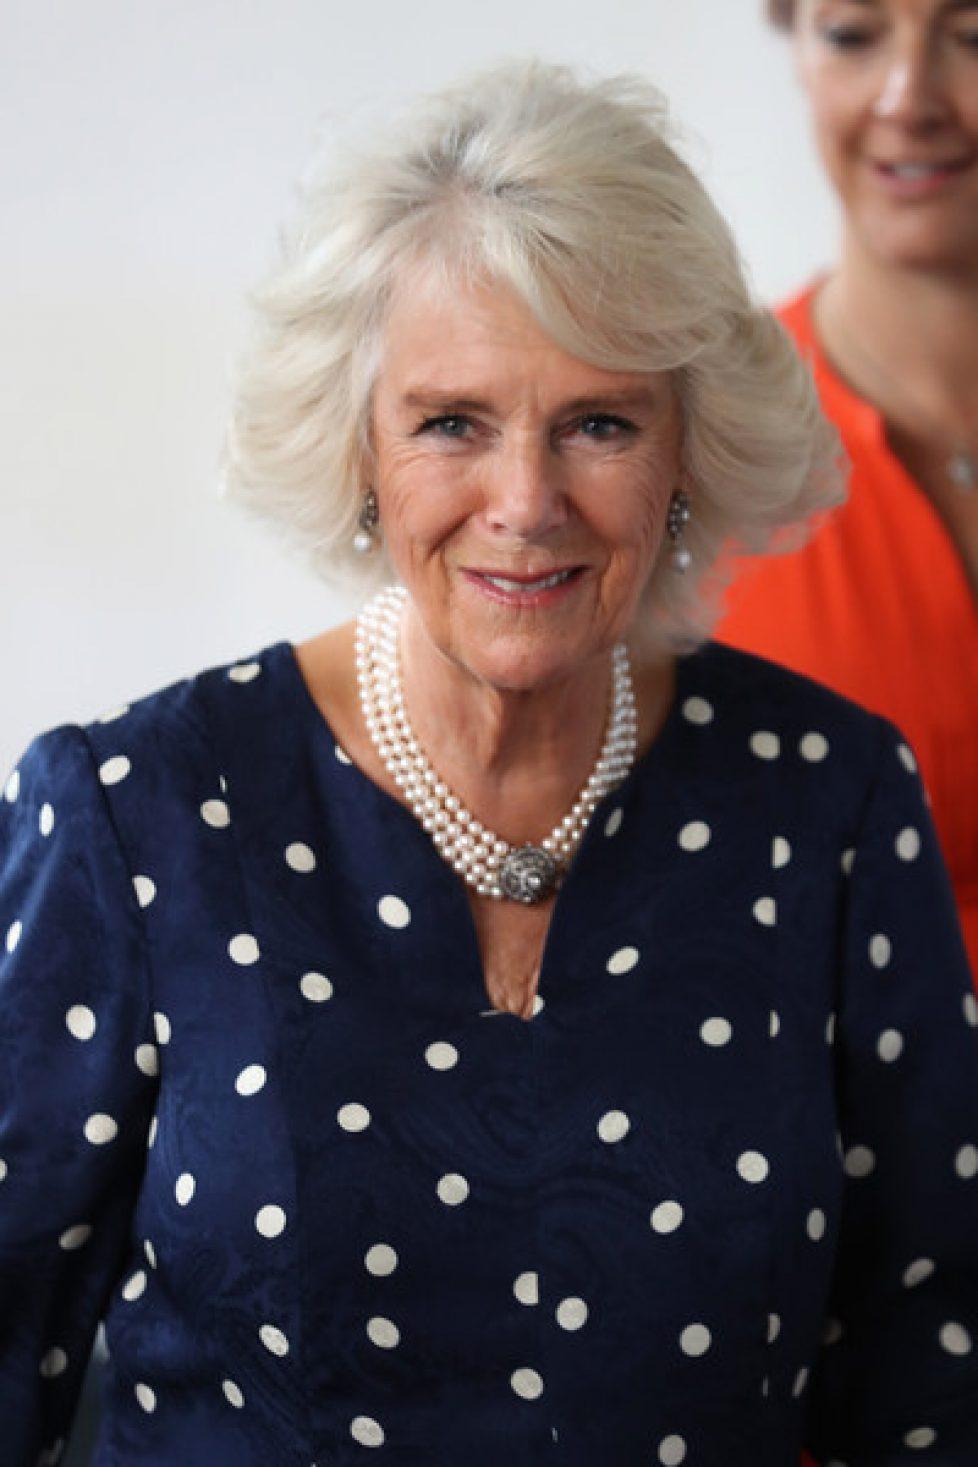 Duchess+Cornwall+Attends+Women+Year+Lunch+HqAFScLRpLpl